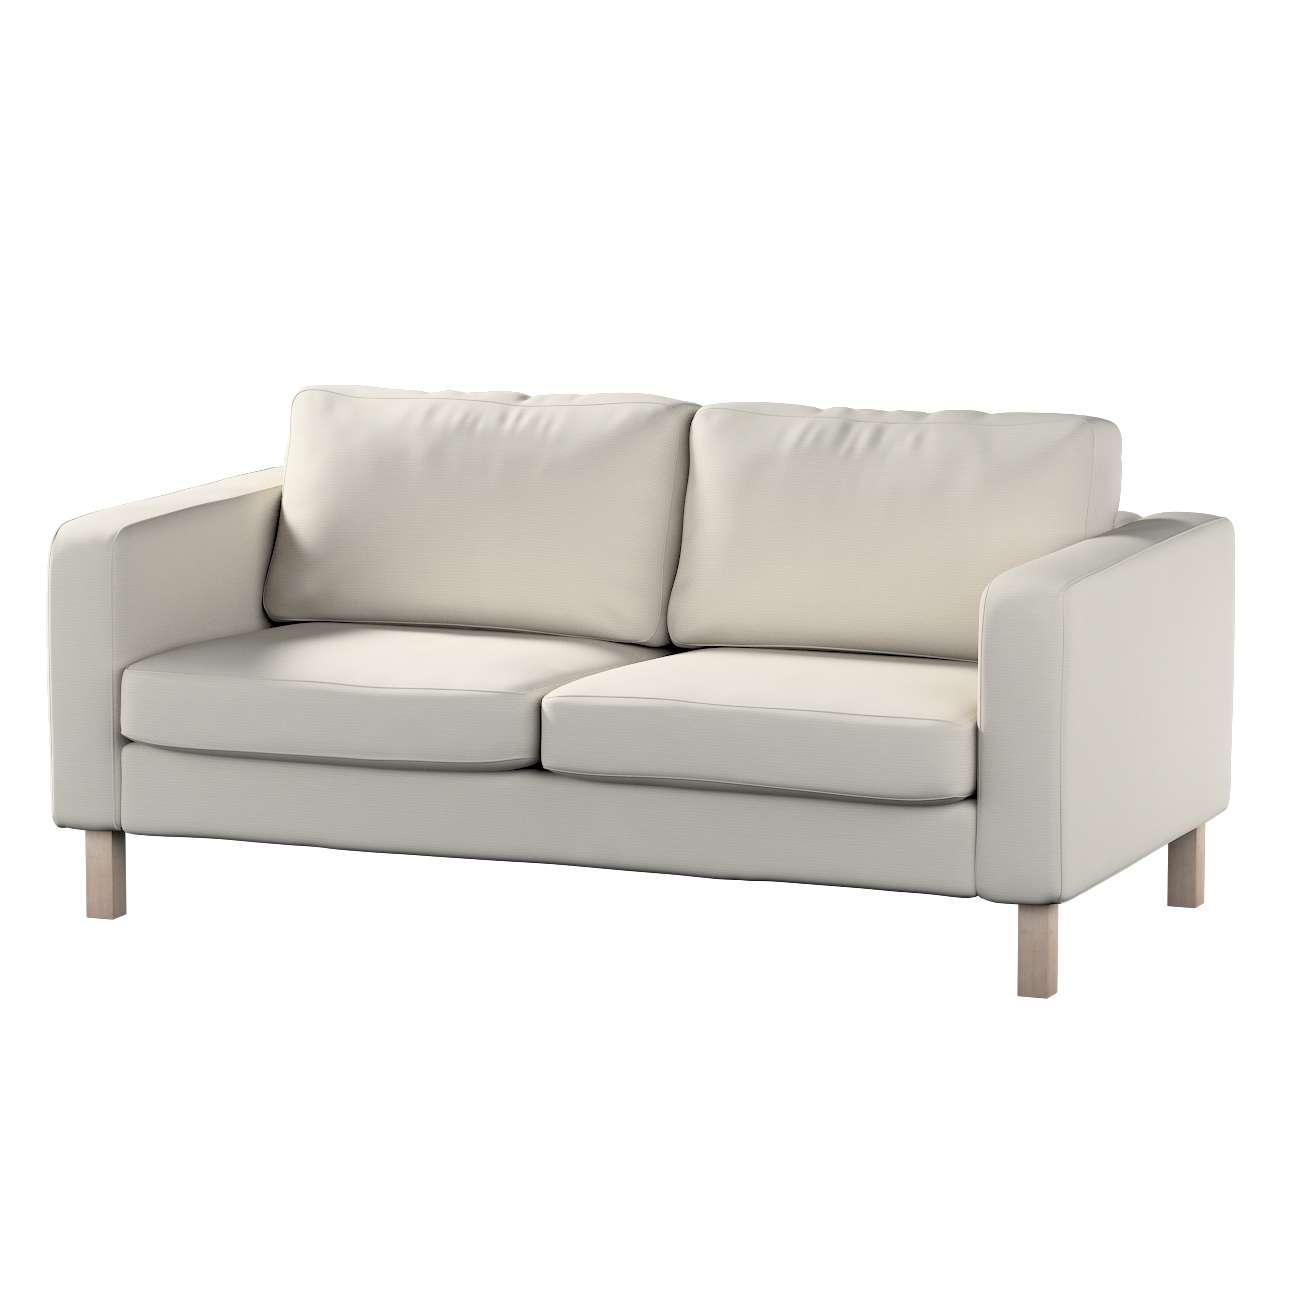 Pokrowiec na sofę Karlstad 2-osobową nierozkładaną krótki Sofa Karlstad 2-osobowa w kolekcji Cotton Panama, tkanina: 702-31